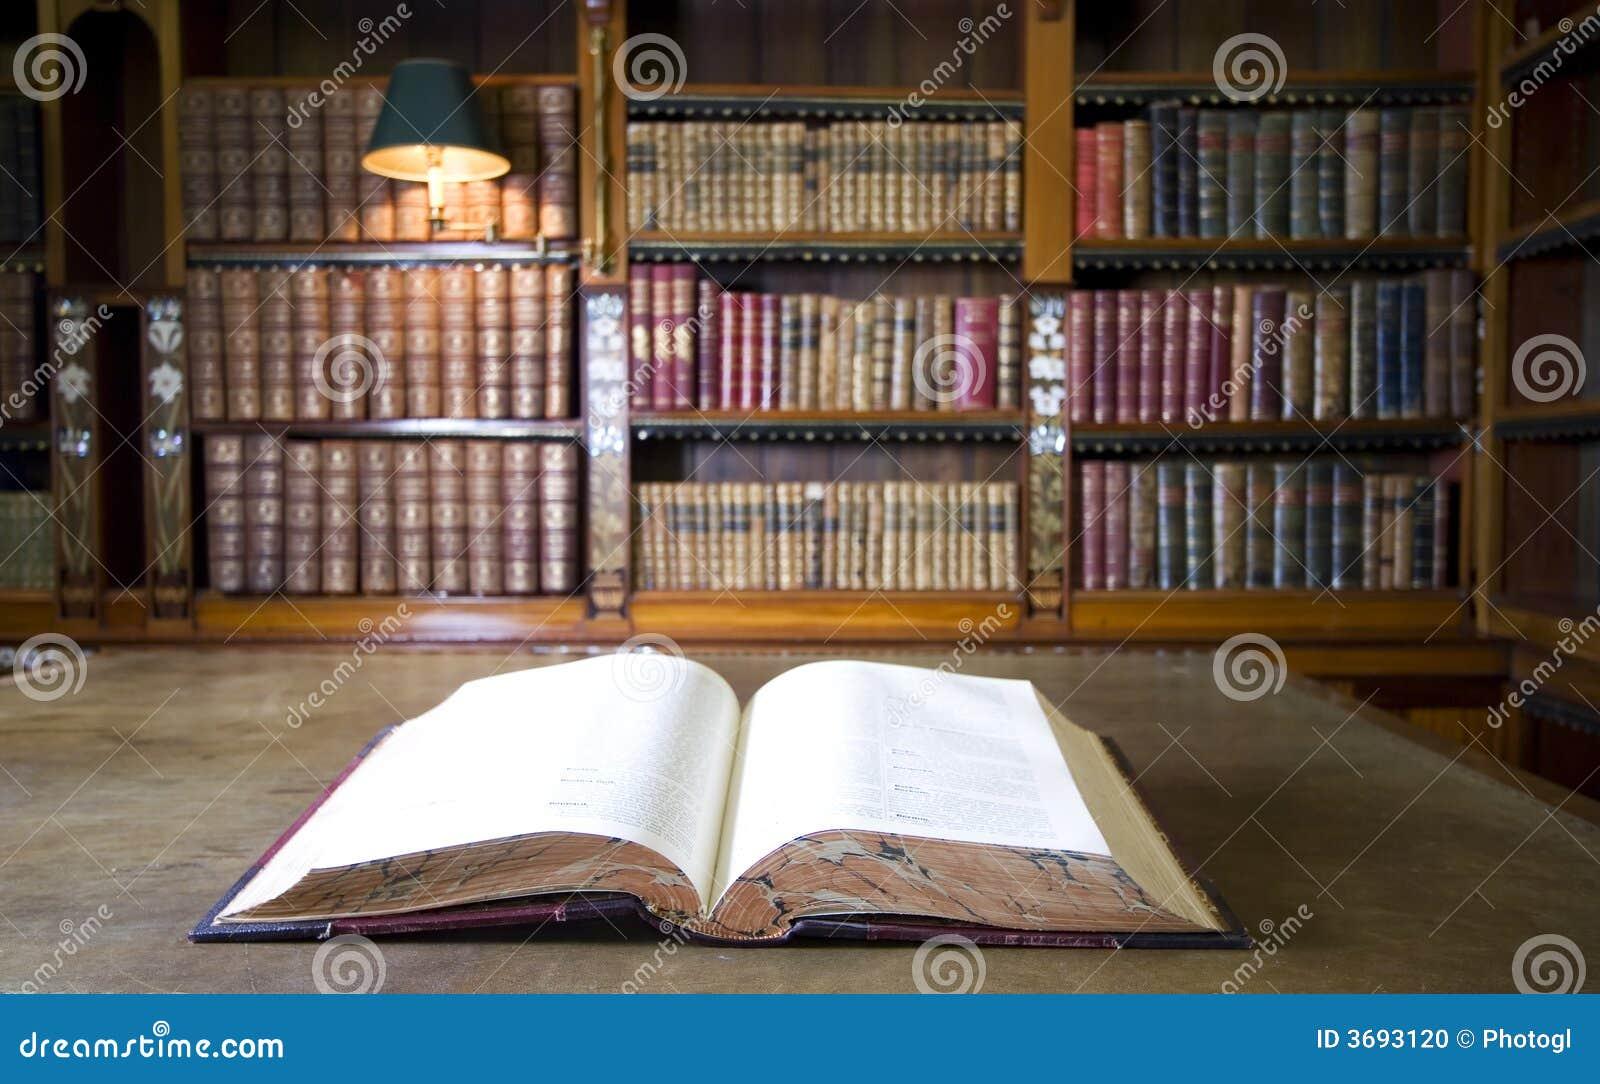 Libro in vecchia libreria